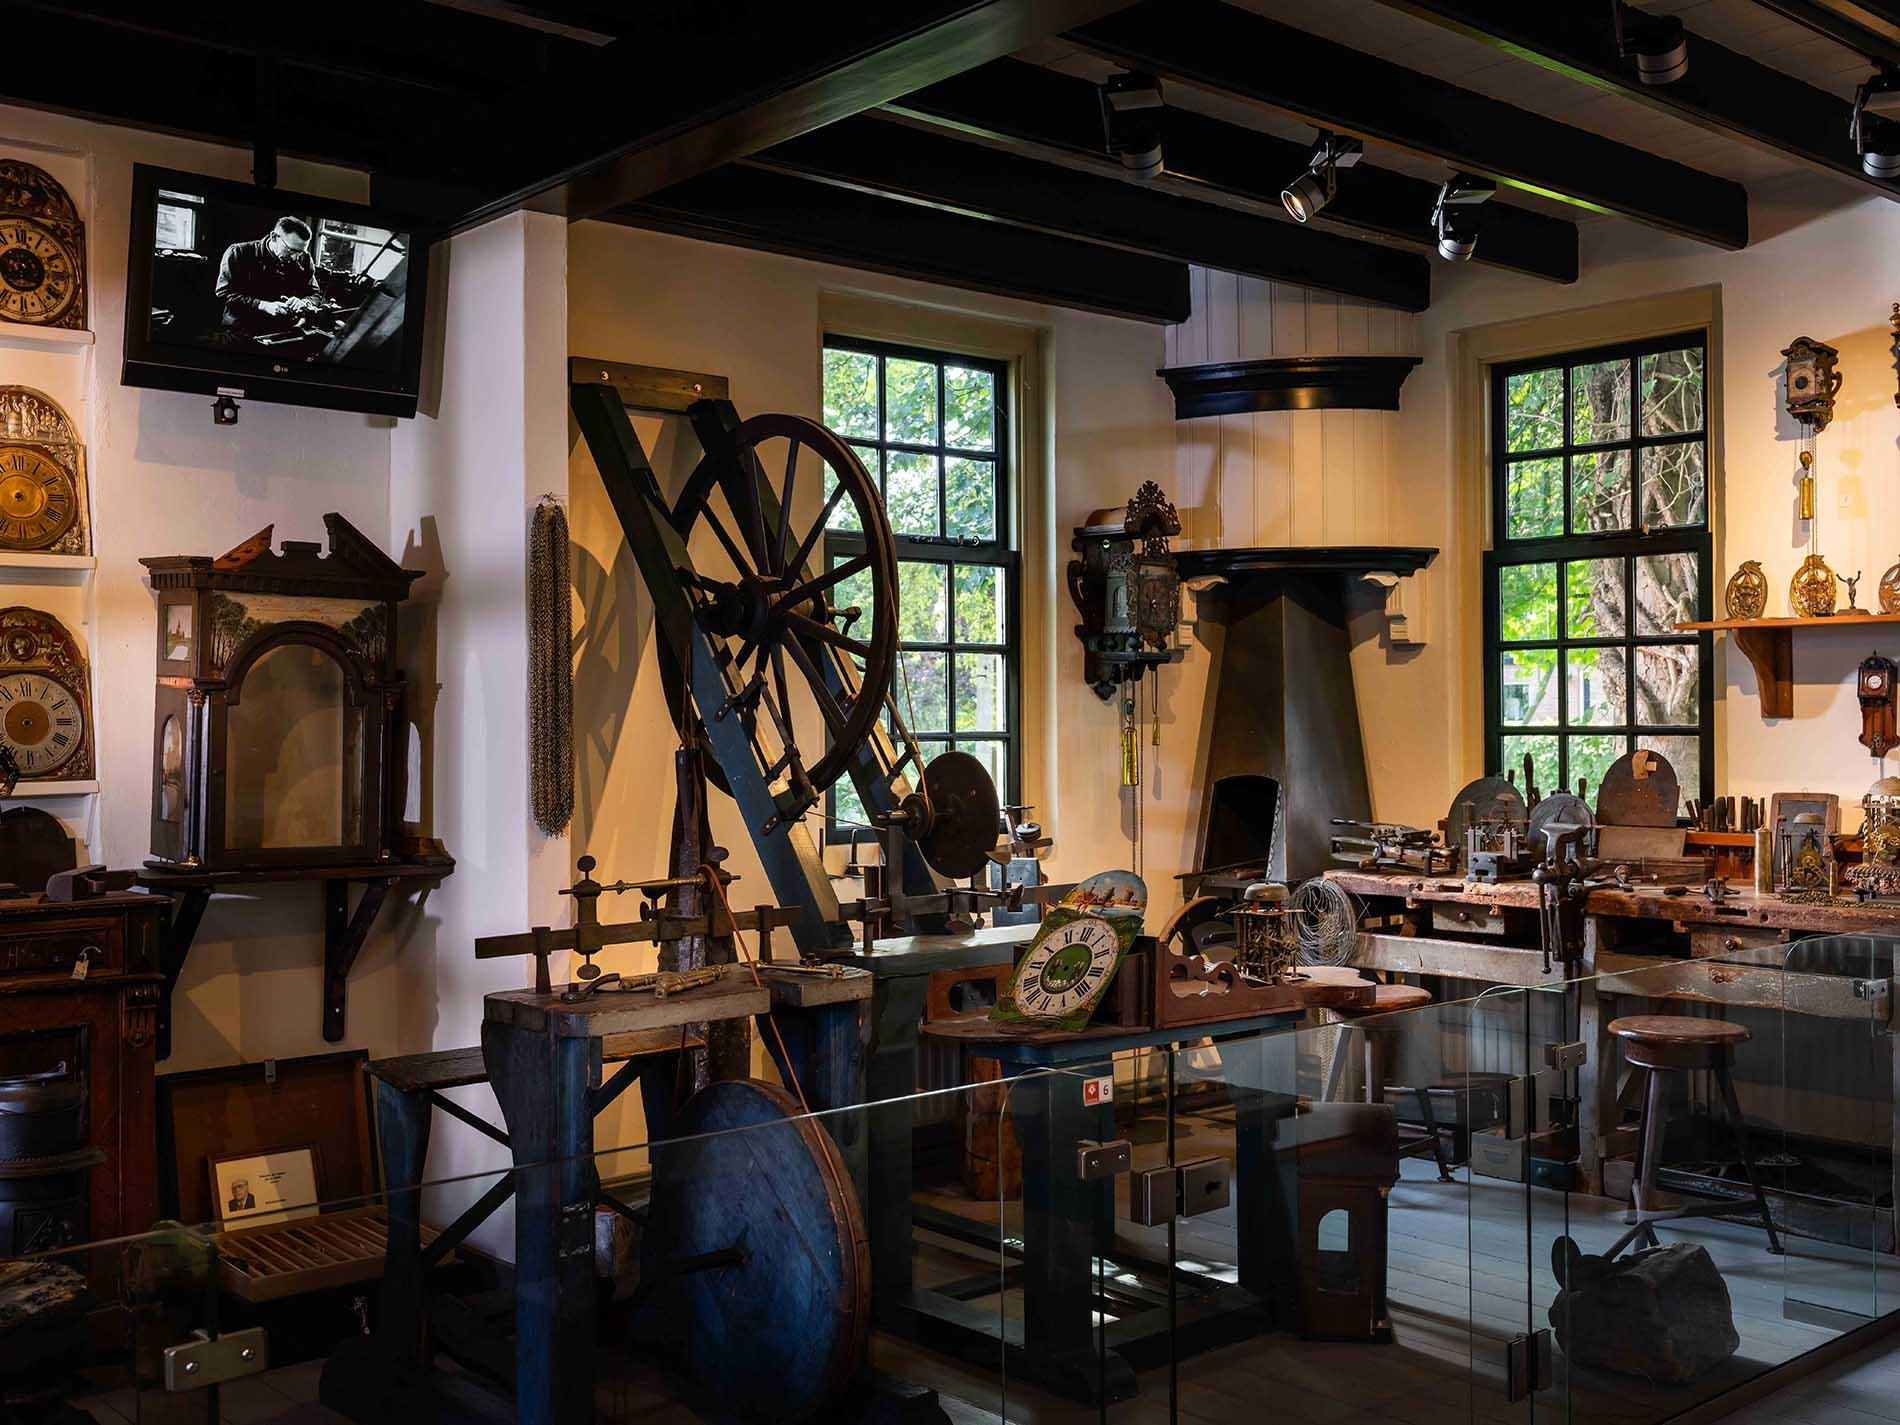 klokkenmakerij museum joure